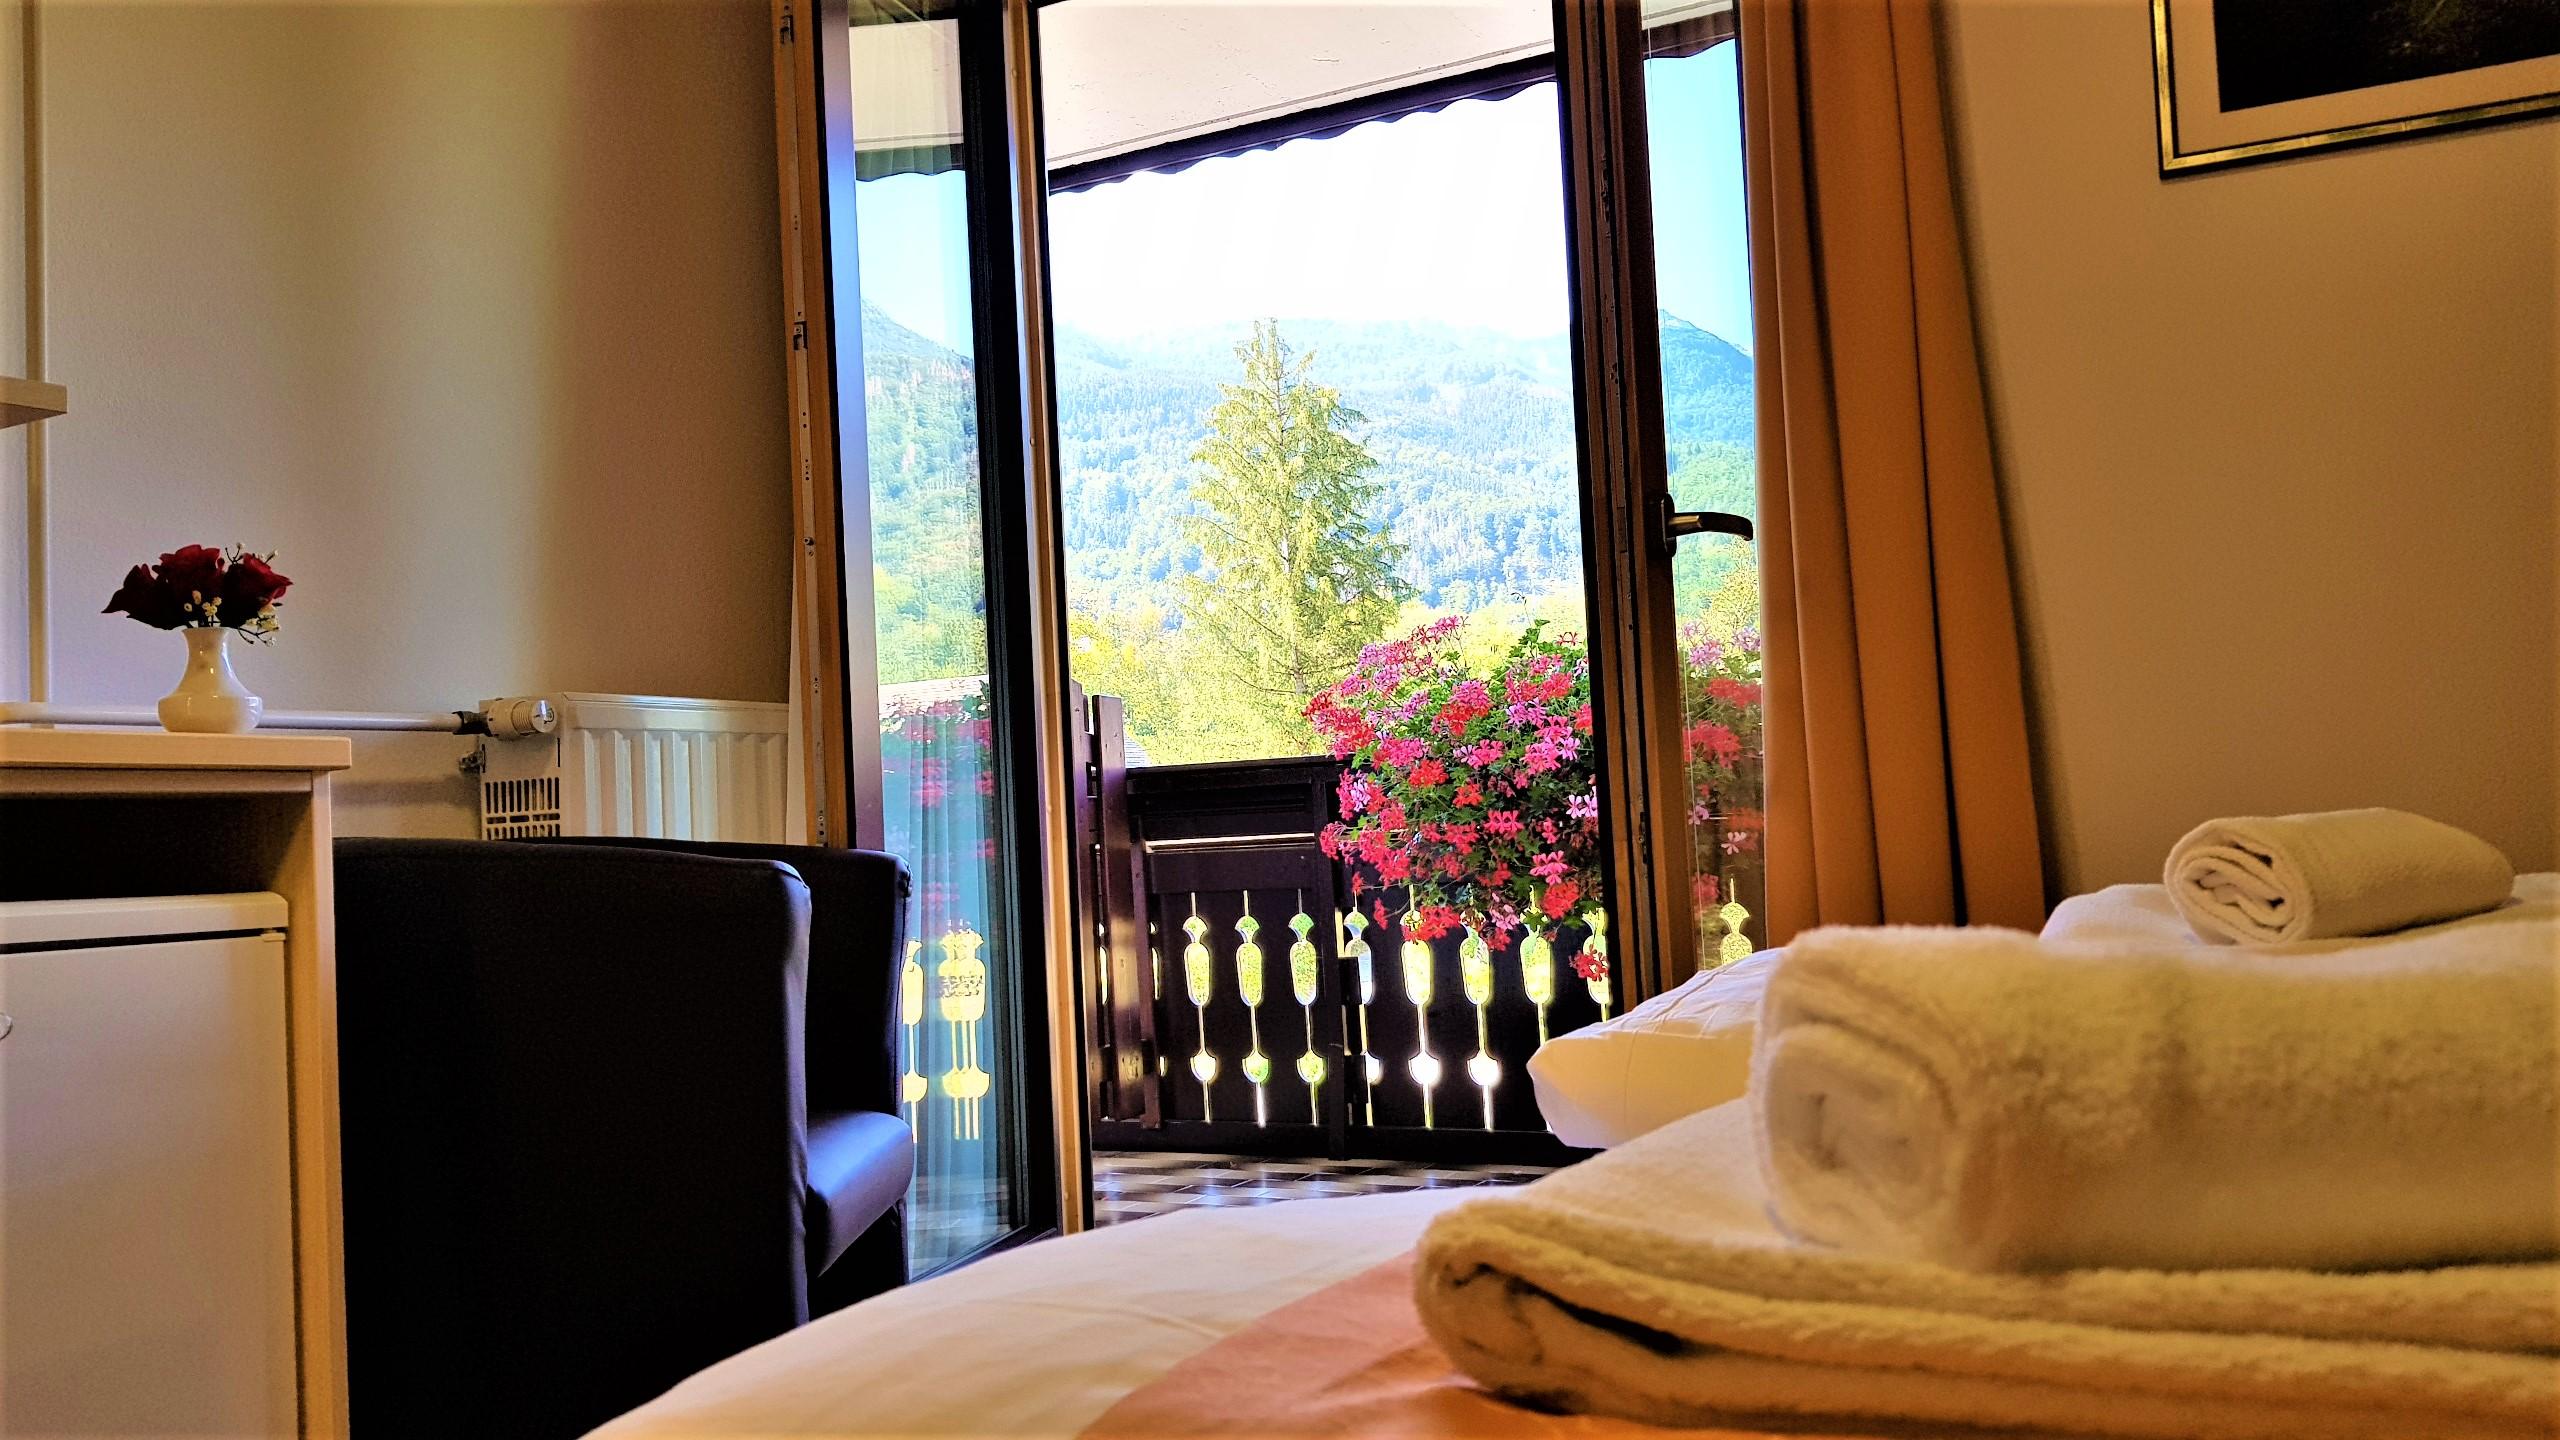 Dvoposteljna soba z balkonom in pogledom na gore